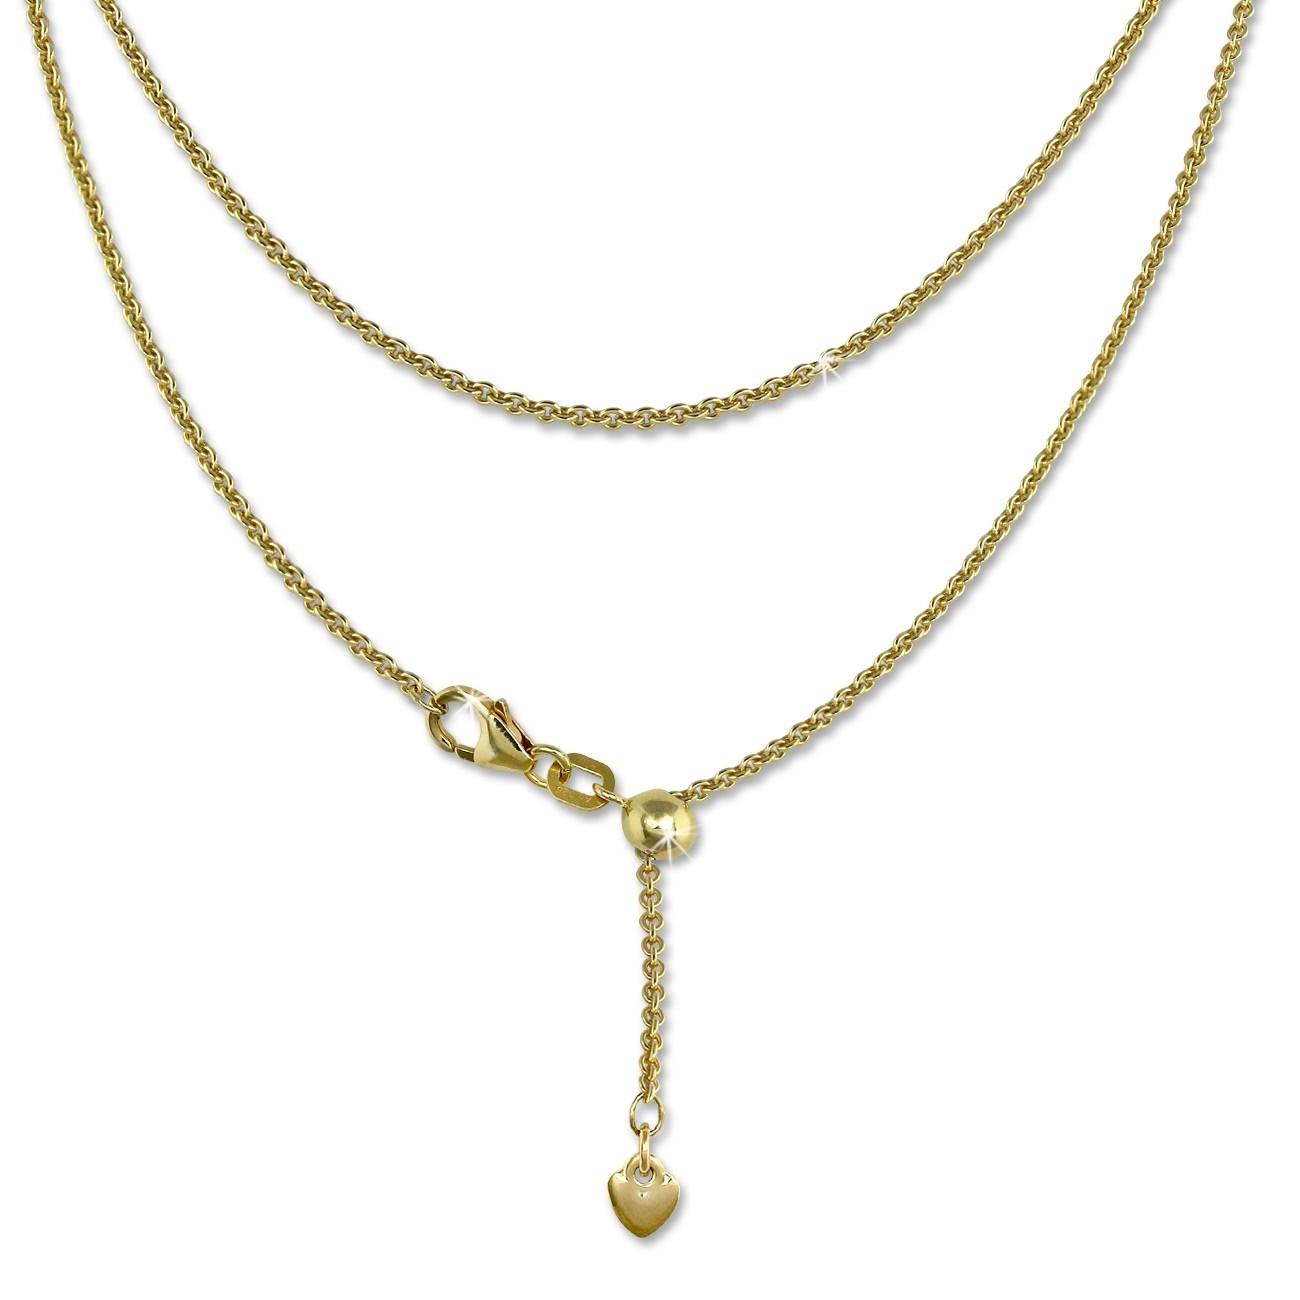 SilberDream Collier Kette Herz vergoldet 925er Silber Damen 45cm SDK22645Y